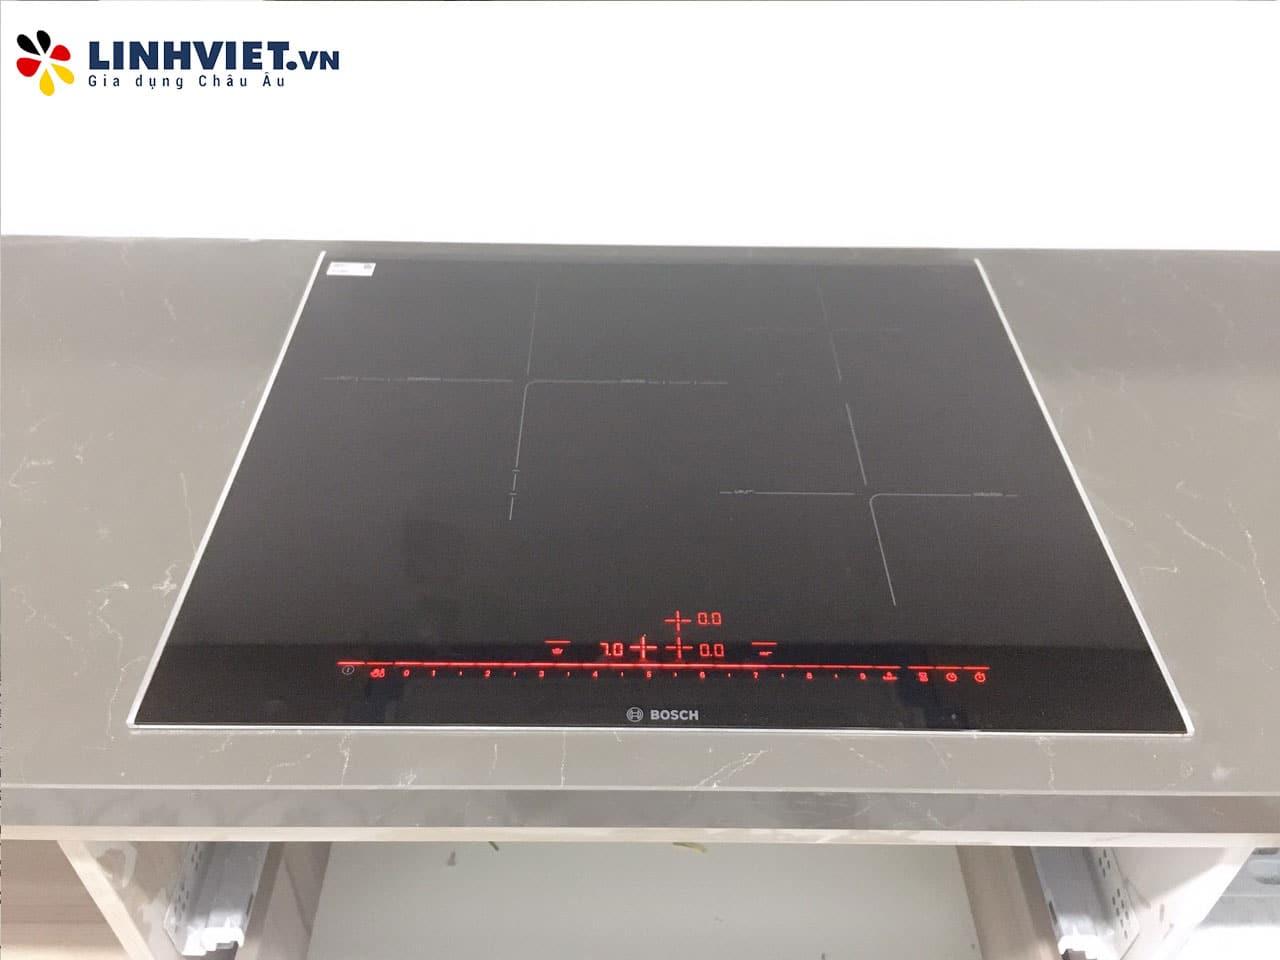 Hình ảnh thực tế khách hàng lắp Combo: Máy rửa bát, Bếp từ Bosch 5